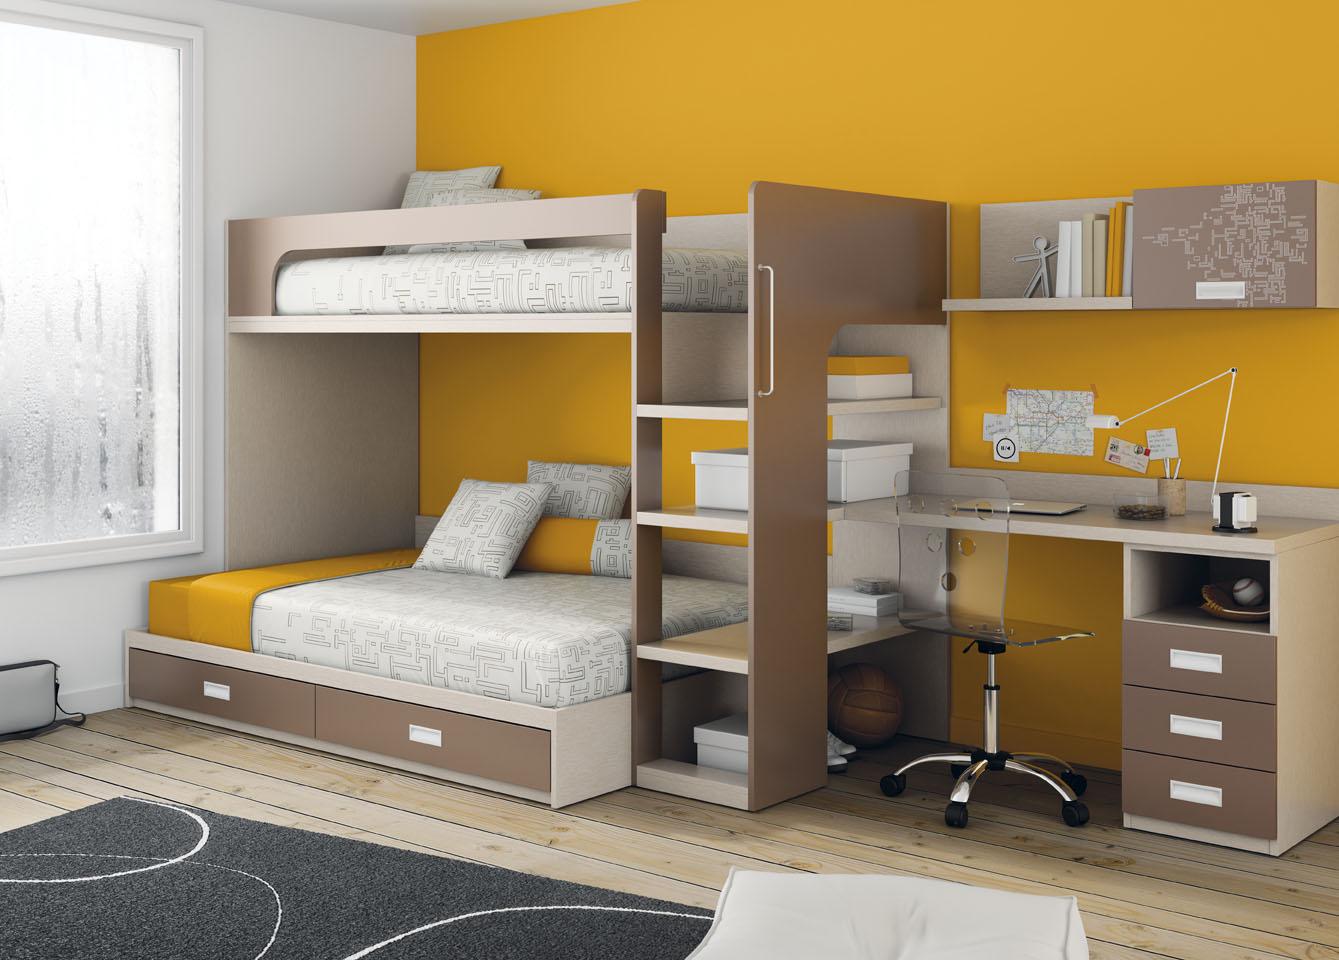 Dormitorios juveniles con literas muebles tiendas de for Dormitorios juveniles literas